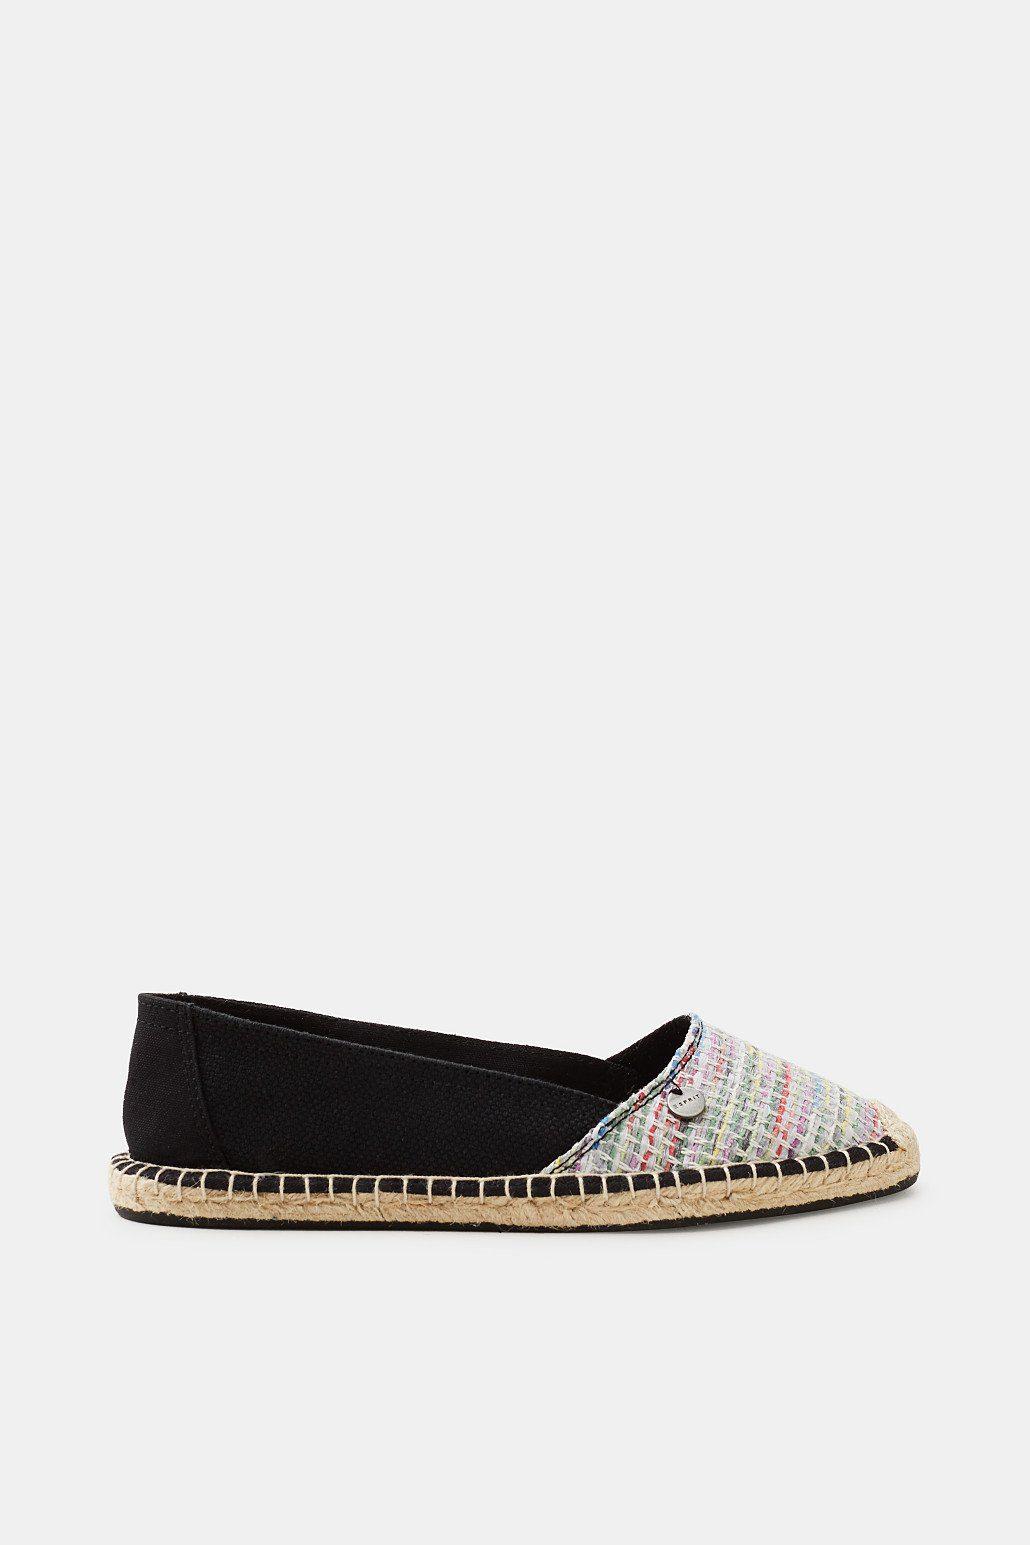 ESPRIT Espadrilles im farbenfrohen Web-Look kaufen  BLACK